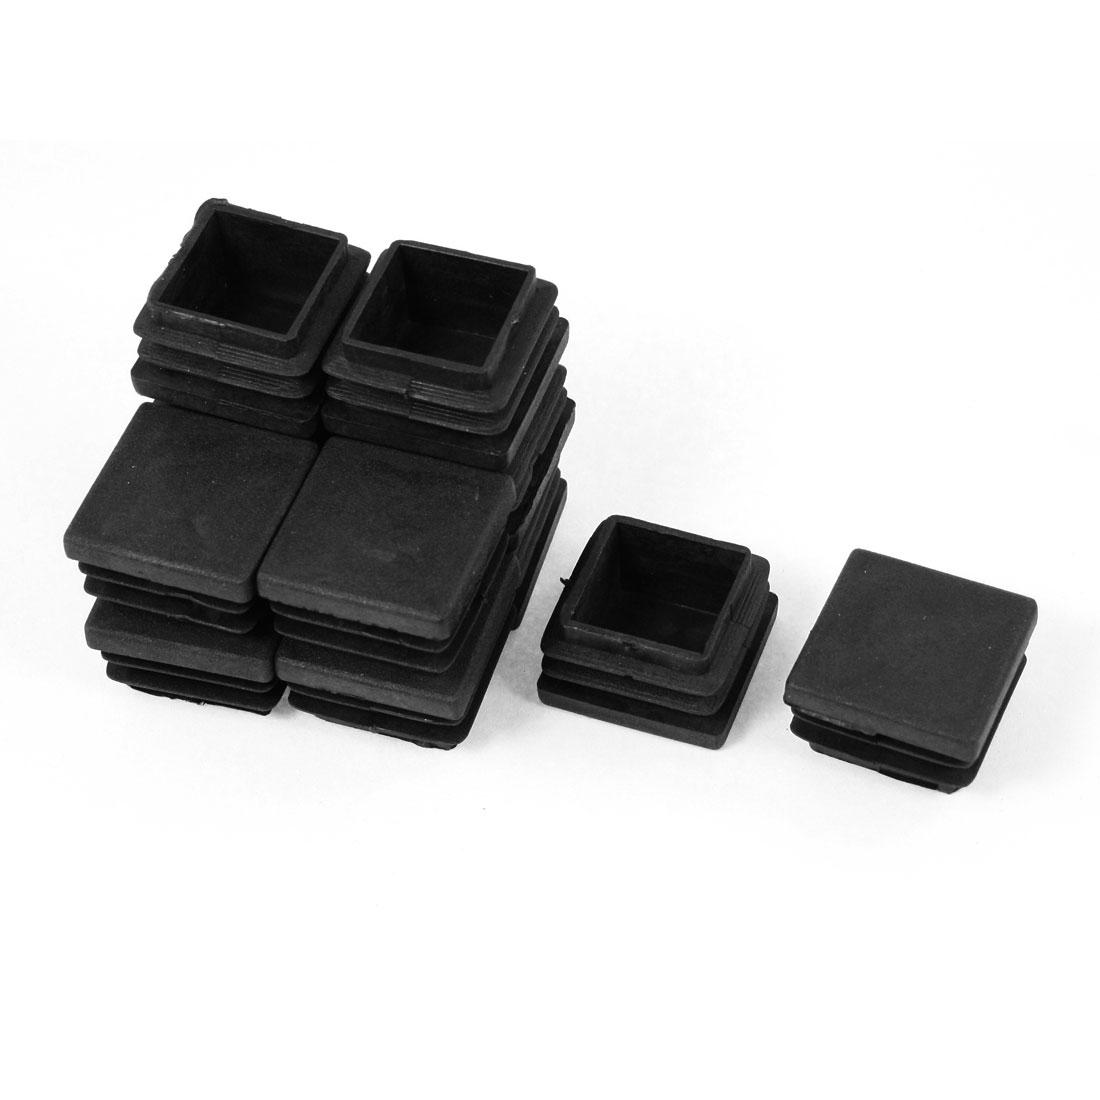 12 Pcs 28mmx28mm Plastic End Caps Cover Square Tubing Tube Insert Black